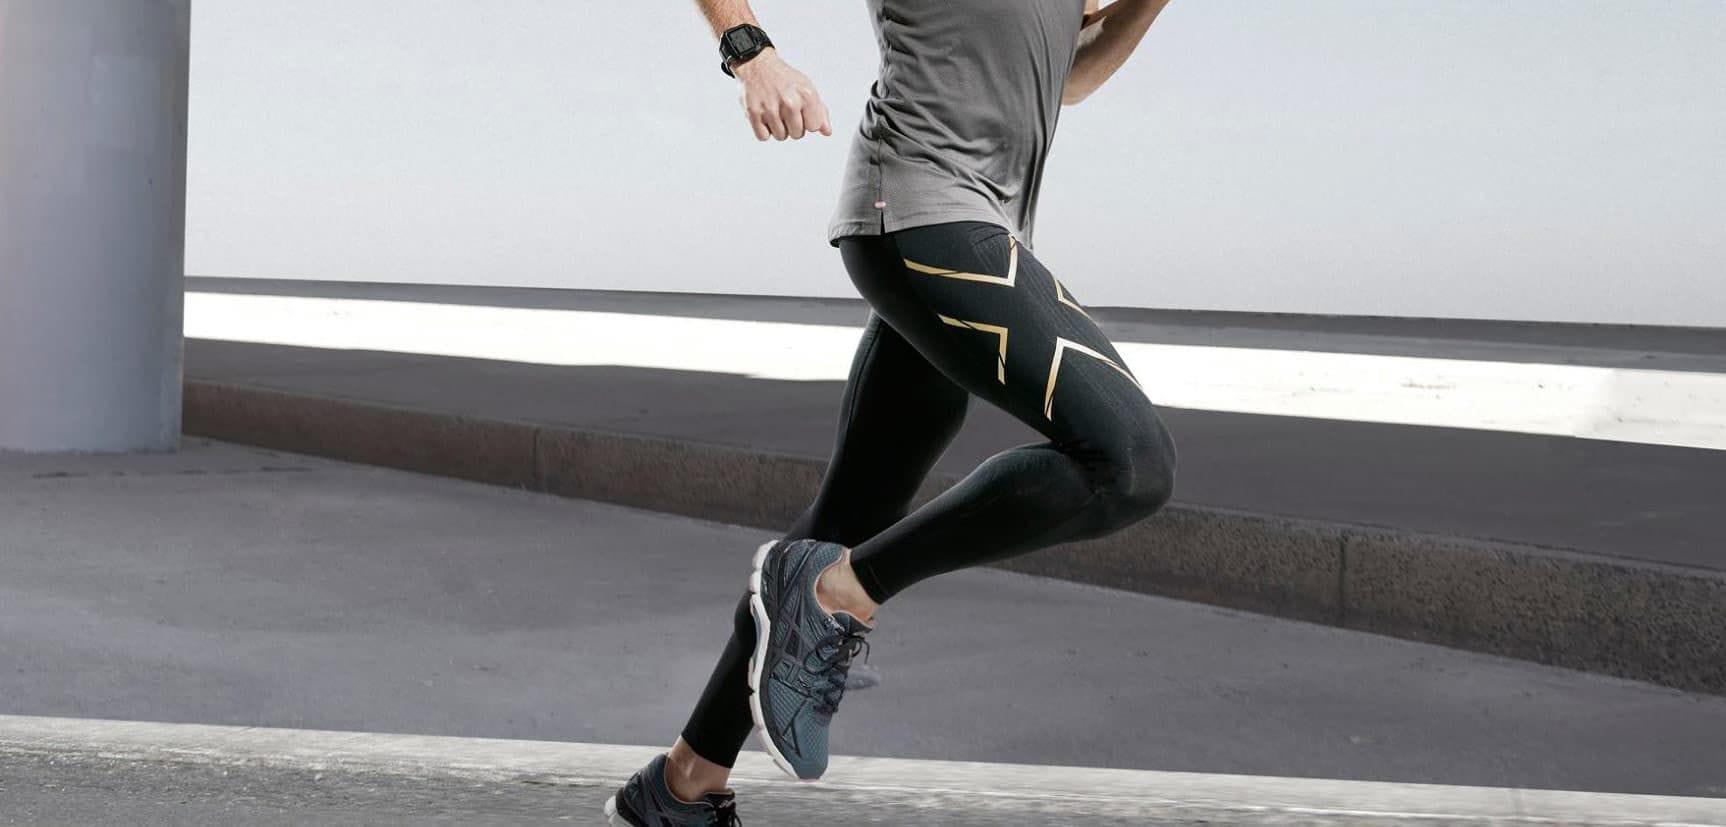 2xu, CW-X Conditioning Wear, Under Armour. Pourquoi choisir des vêtements de compression